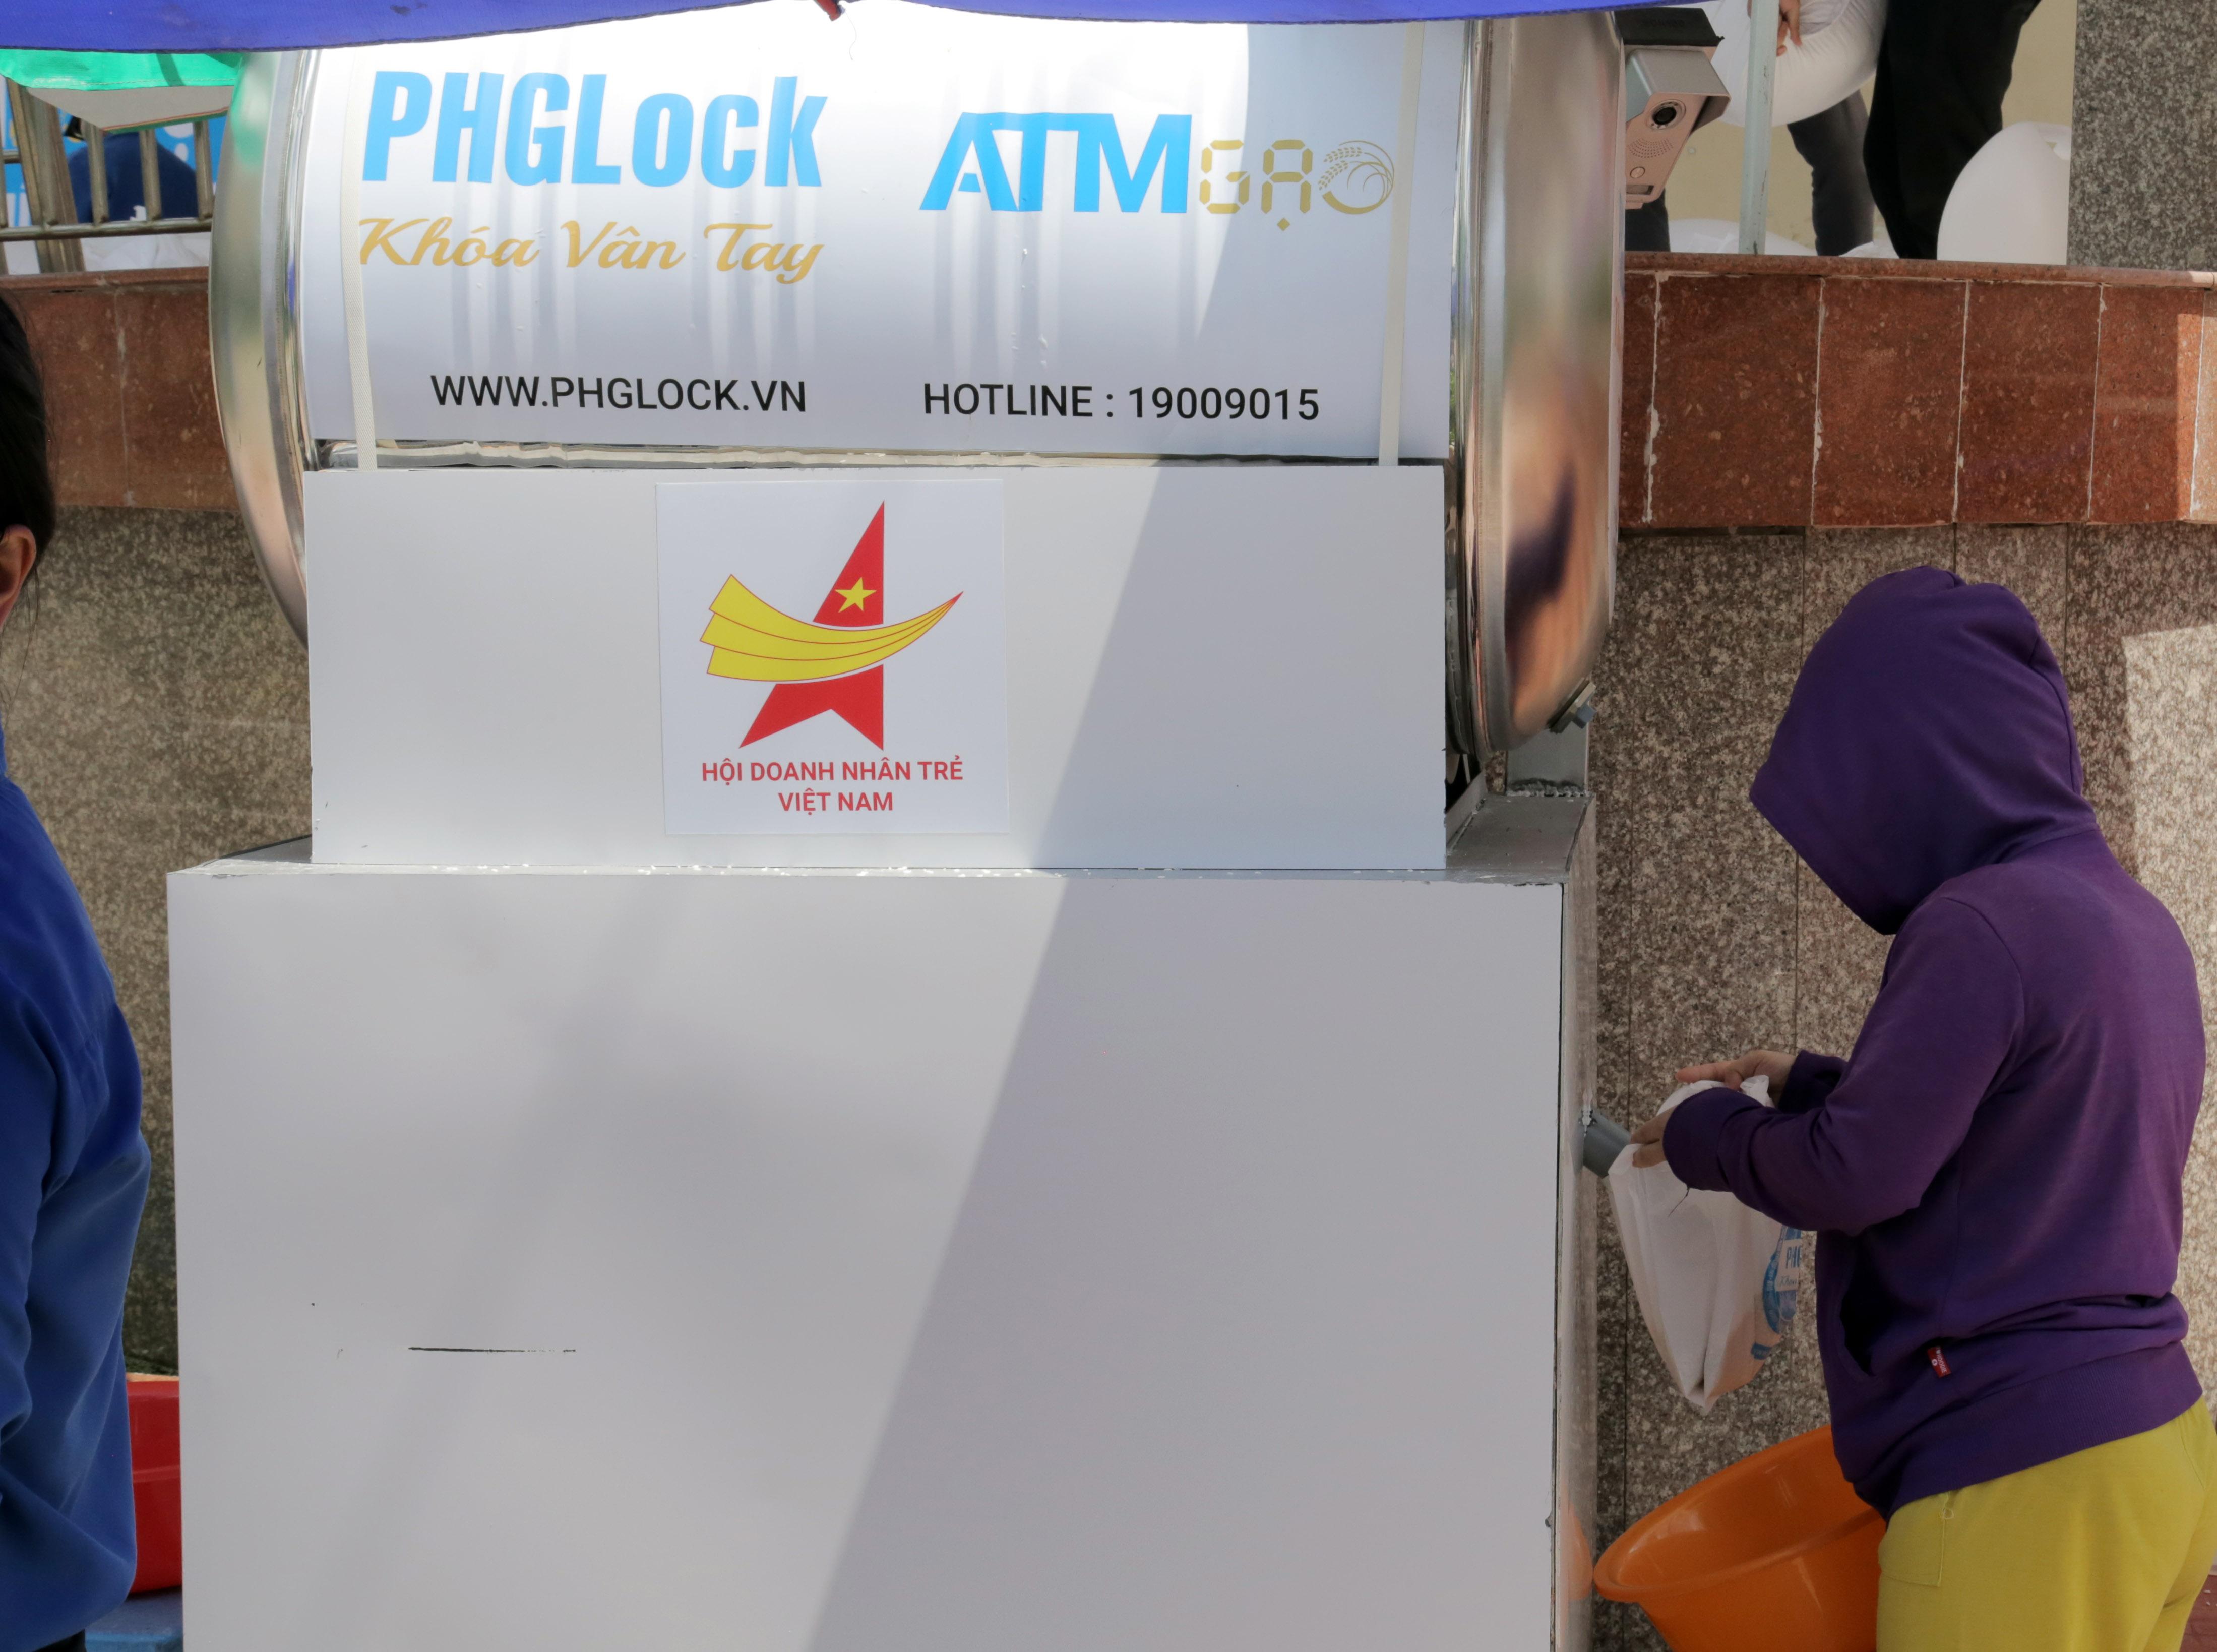 """""""ATM gạo"""" thứ 2 ở Sài Gòn hoạt động trong mùa dịch, bà con khó khăn chỉ cần đến """"máy sẽ tự động nhả gạo"""" - 8"""